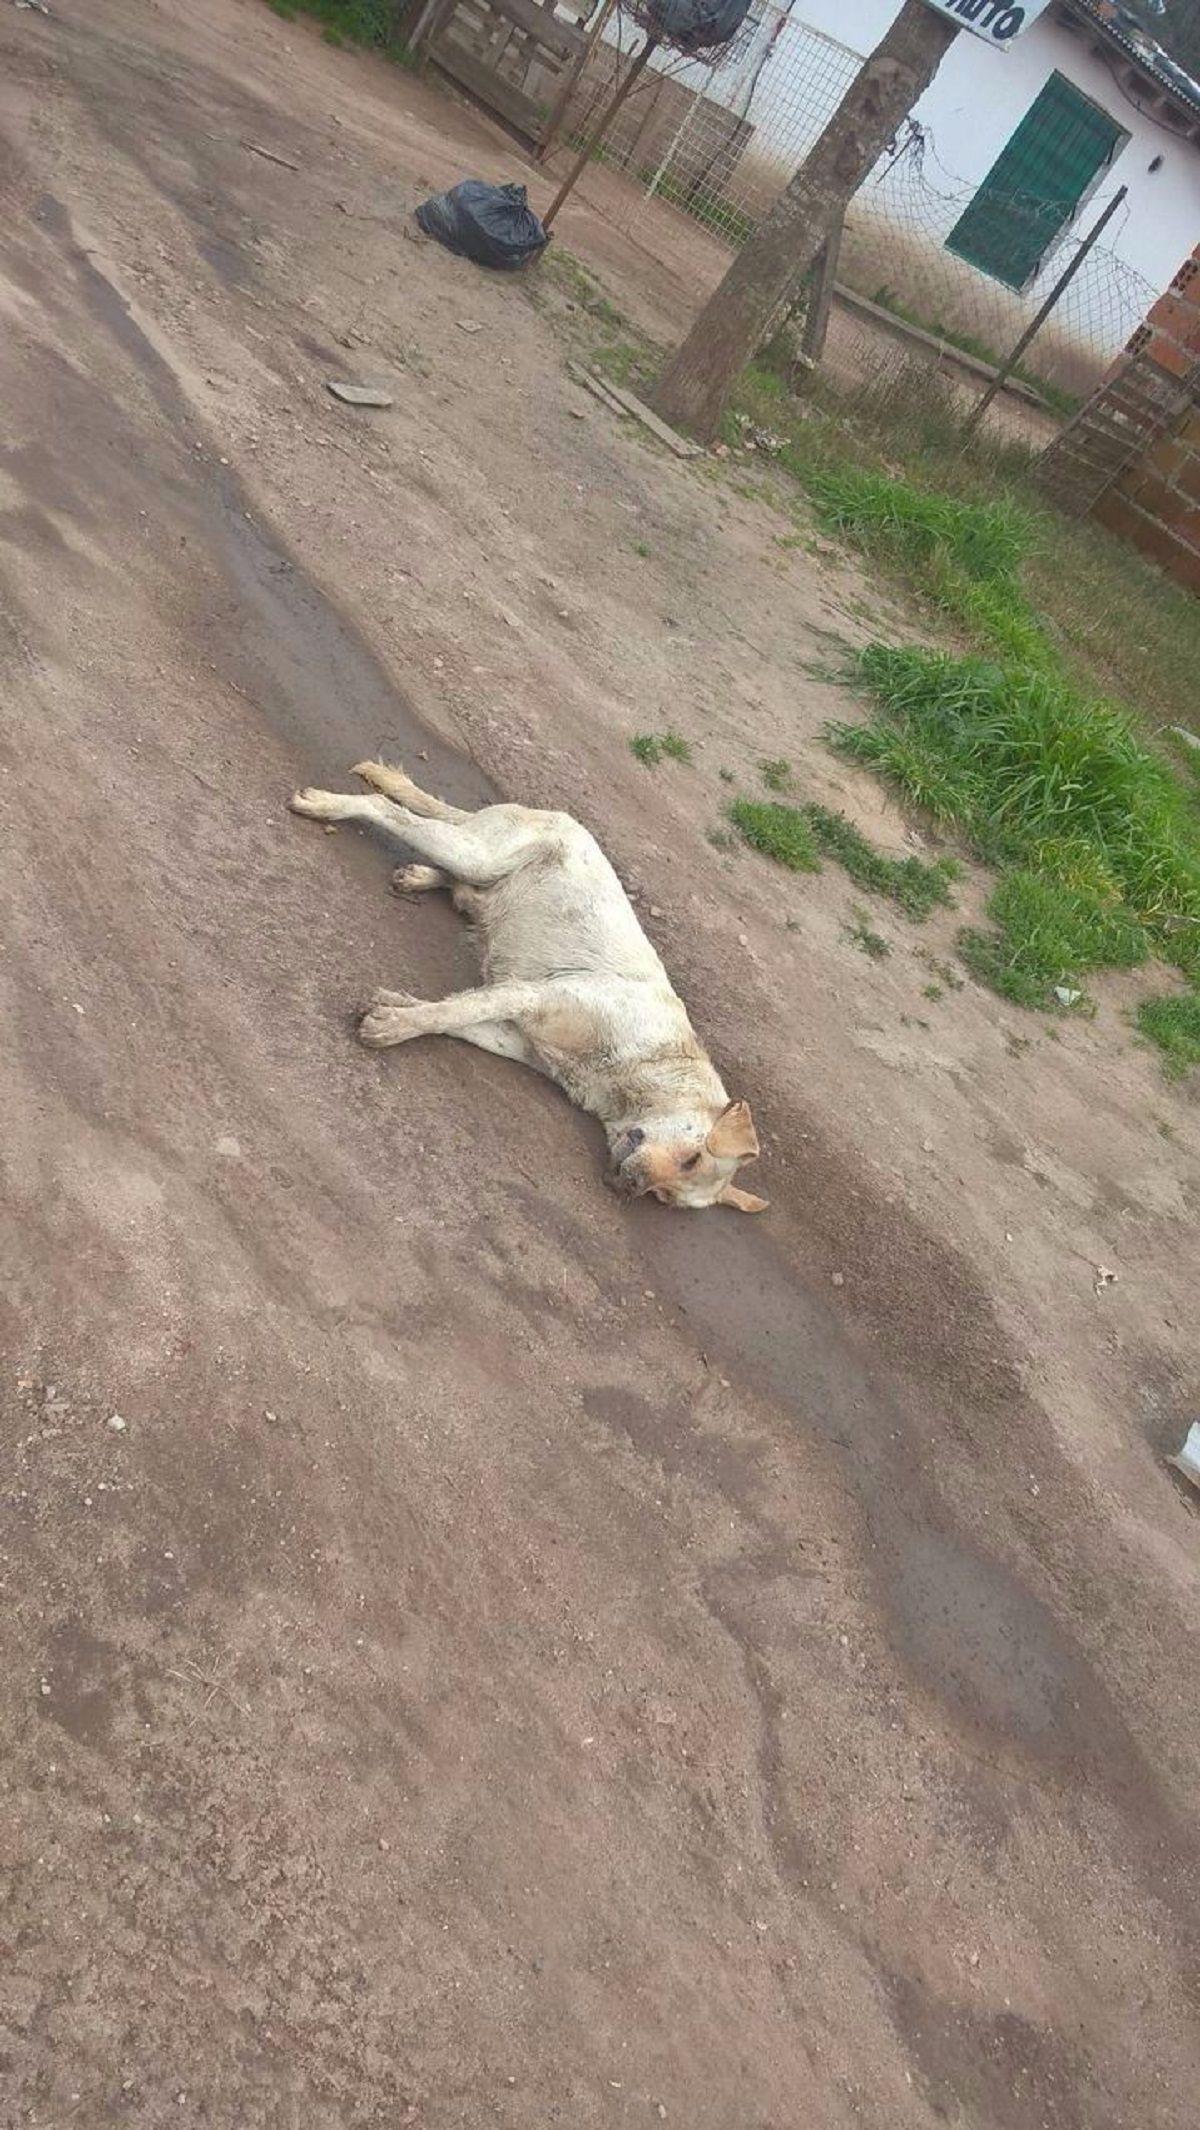 Hallaron más de 20 perros envenendados en Batán - Crédito: 0223